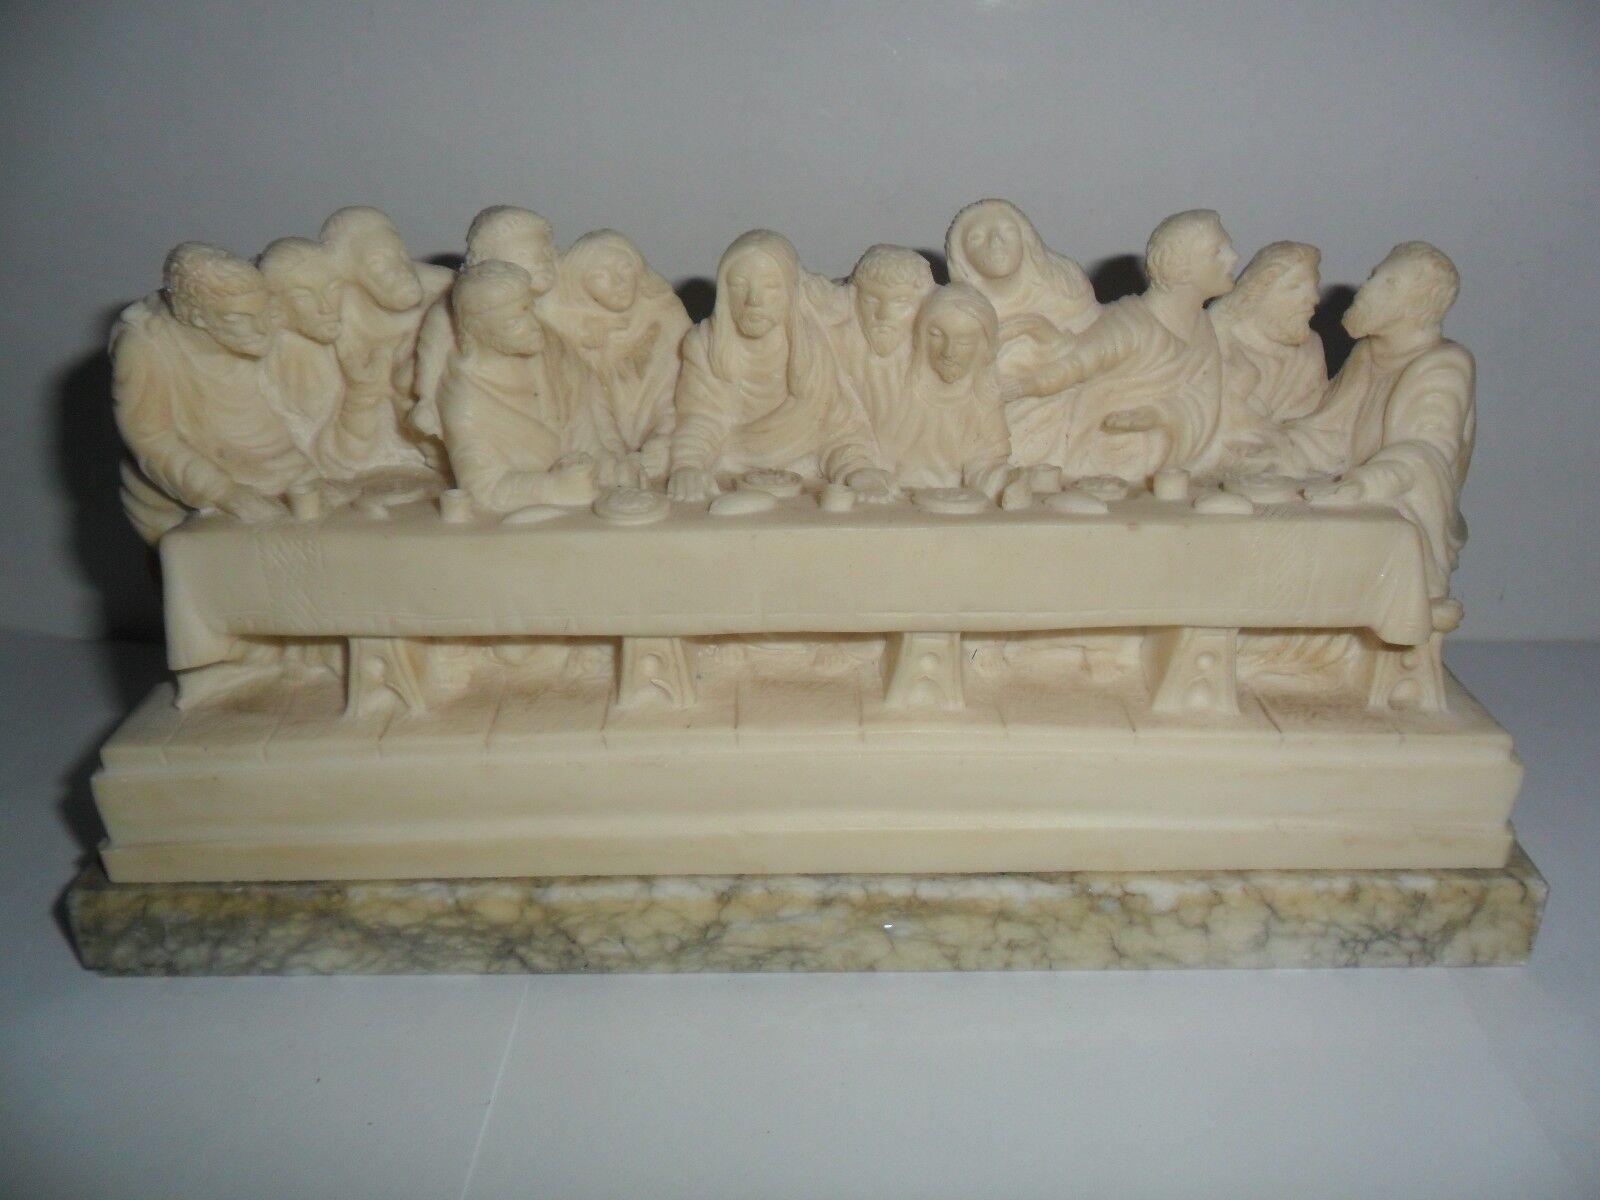 Scultura Vela Marmo Bianco Carrara con Sfera Portoro Sail Marble Sculpture H.23